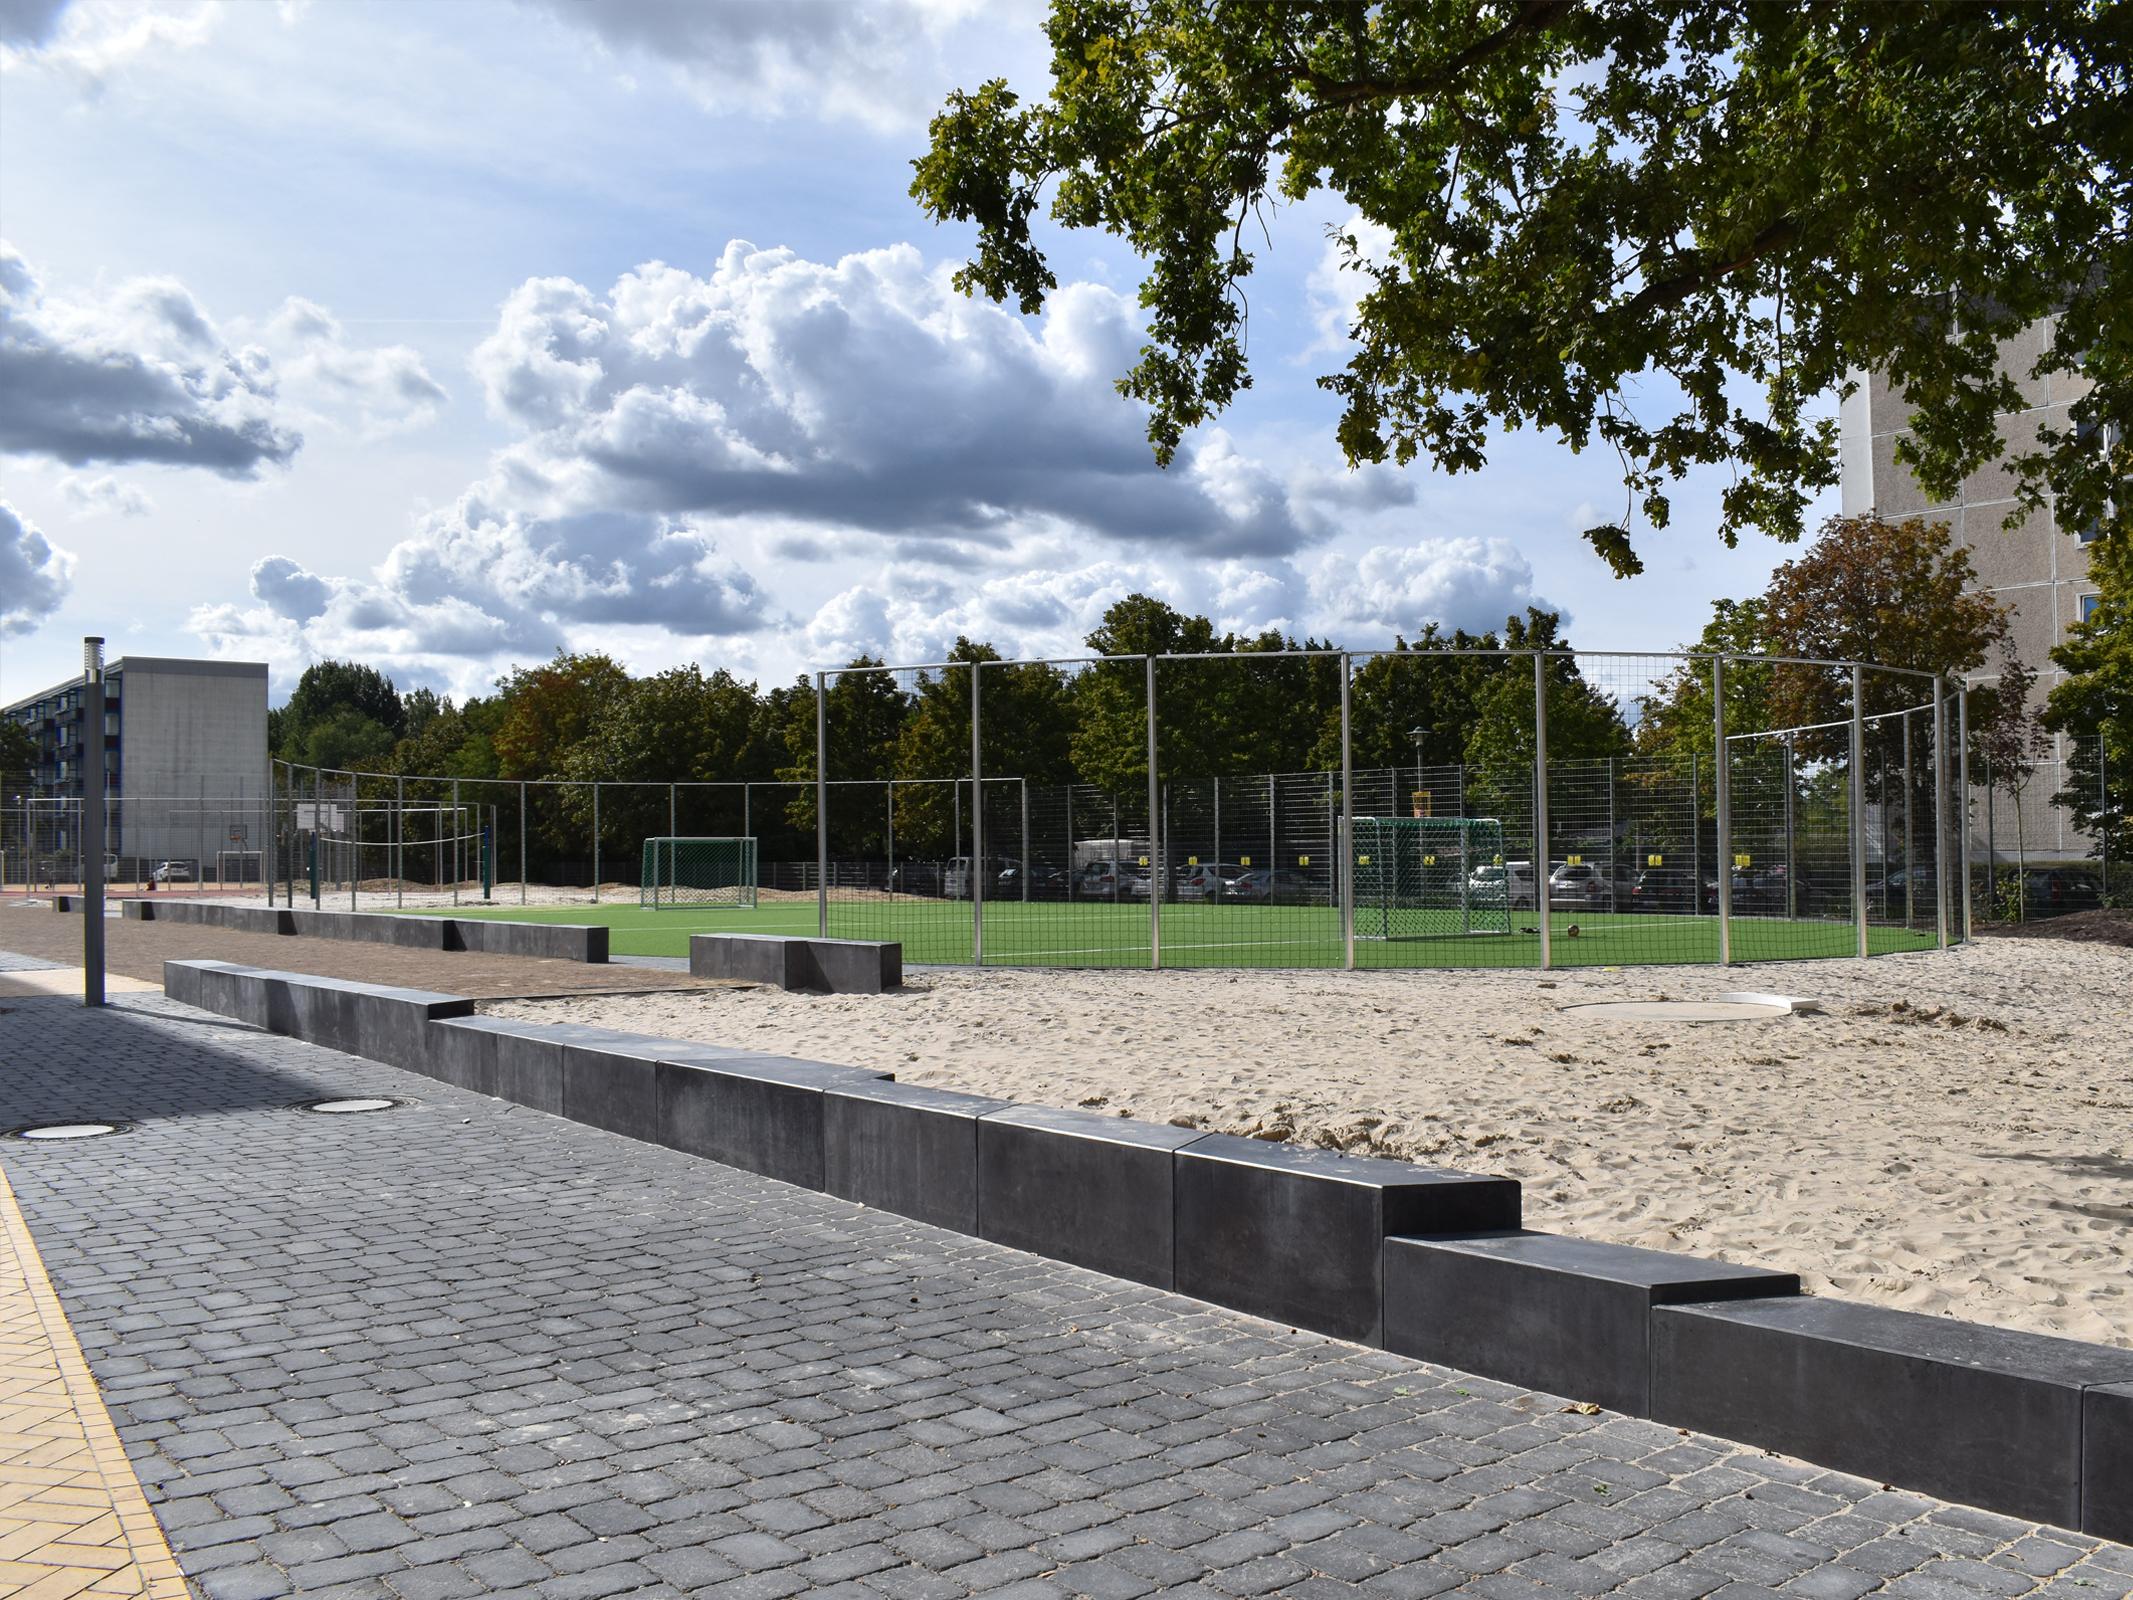 montessori-potsdam-aussenanlagen-baustelle-belag-klinker-sportanlagen-sandspiel-armbruster